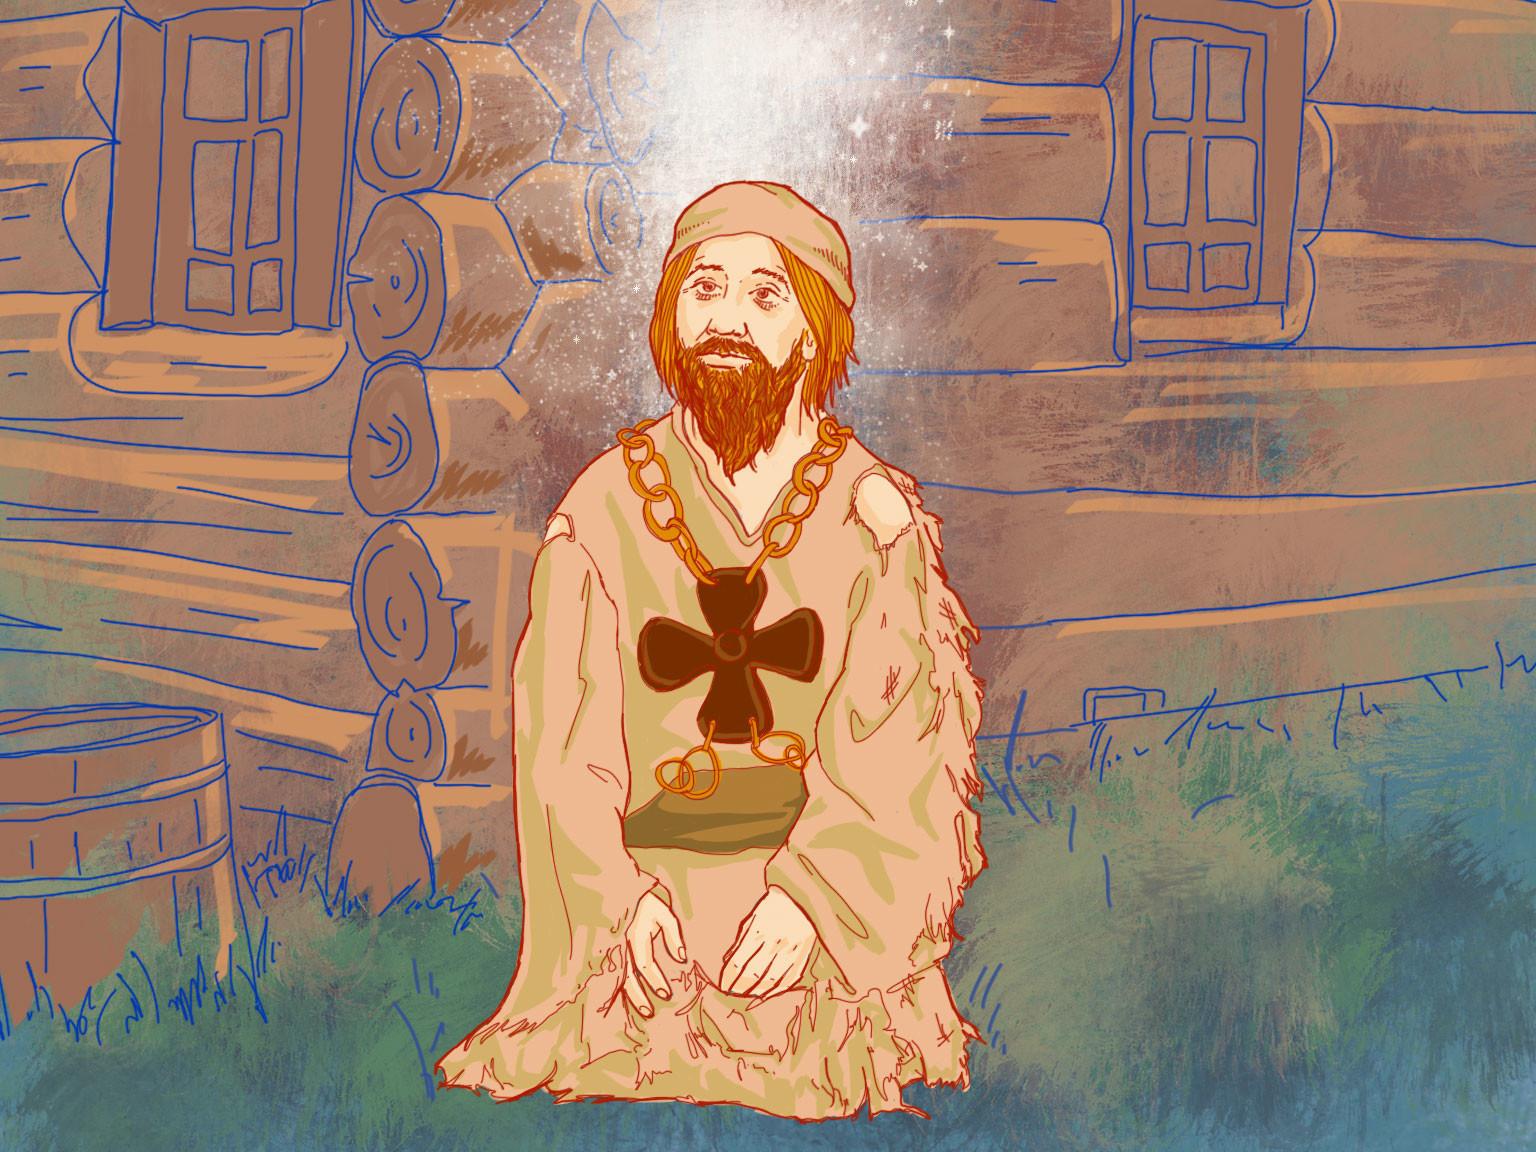 """Uno jurodivyj, """"un folle in Cristo"""""""